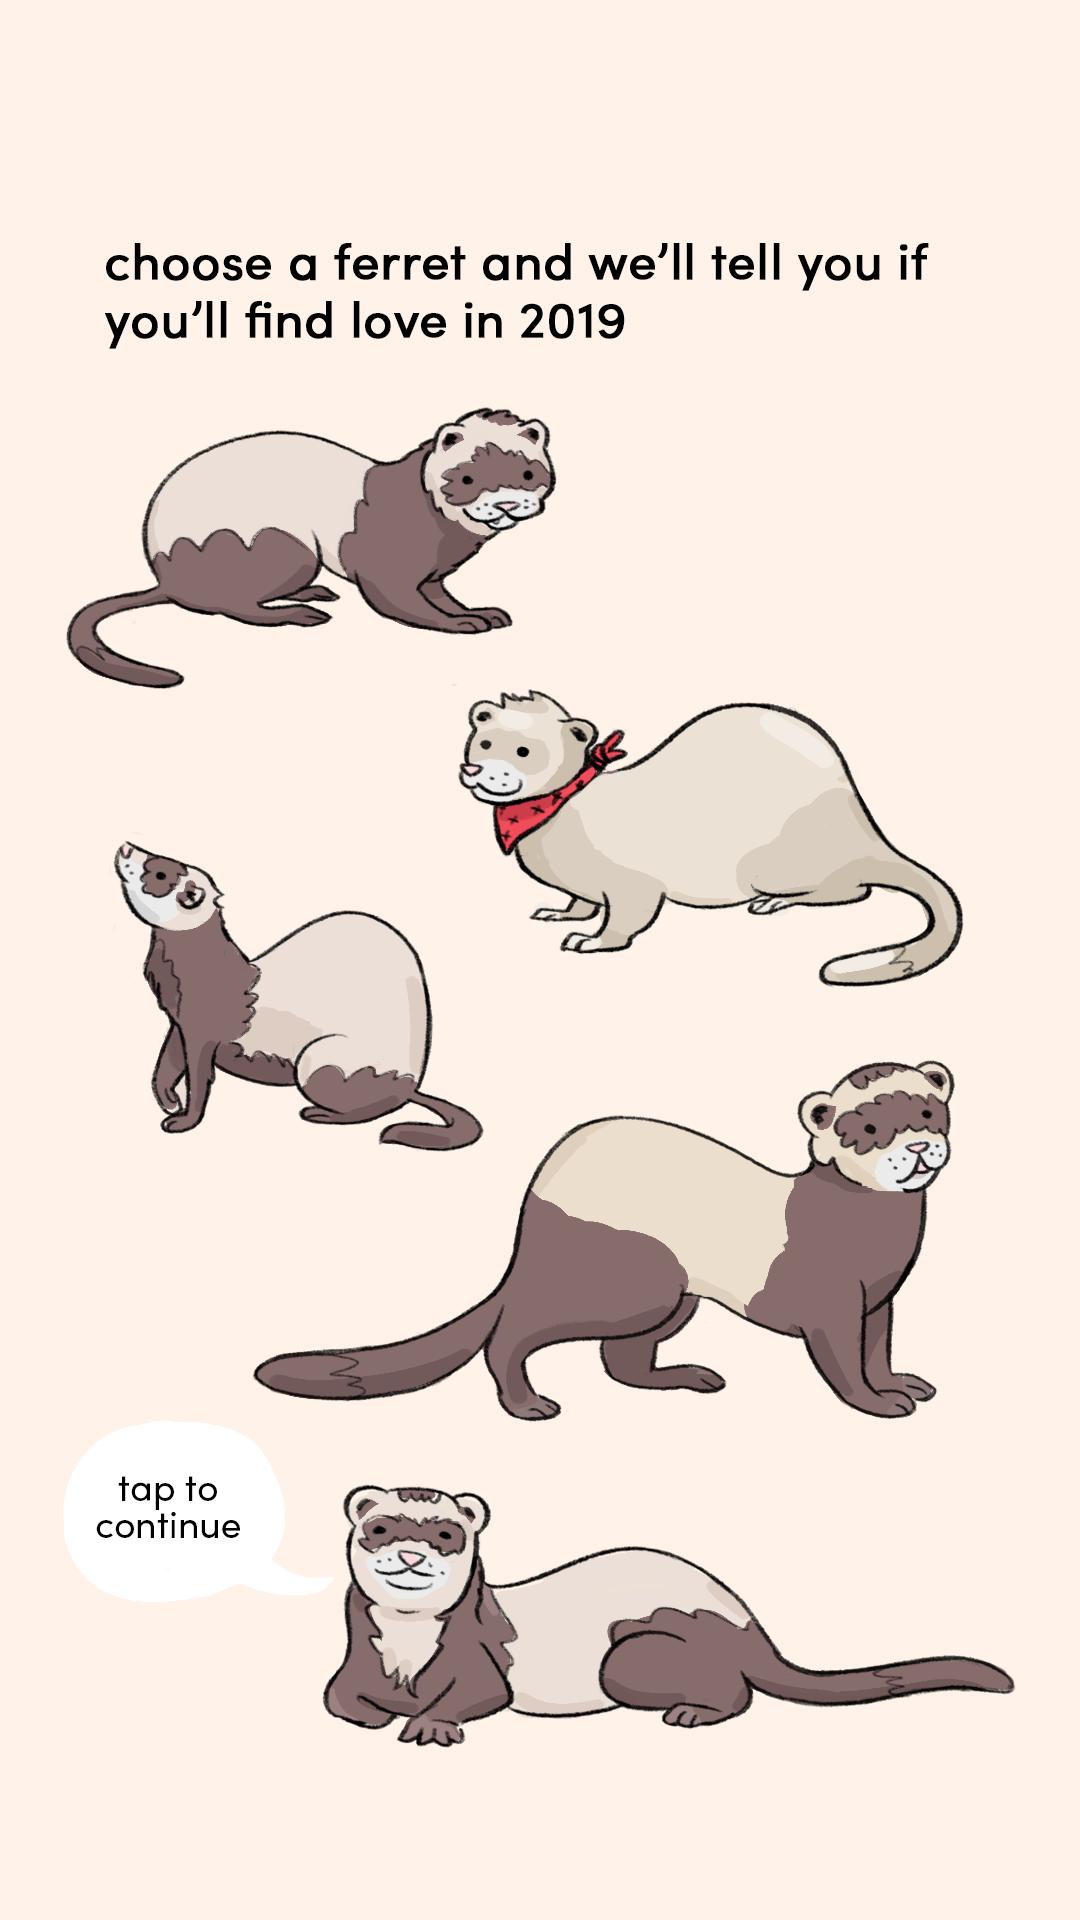 choose a ferret 1.png